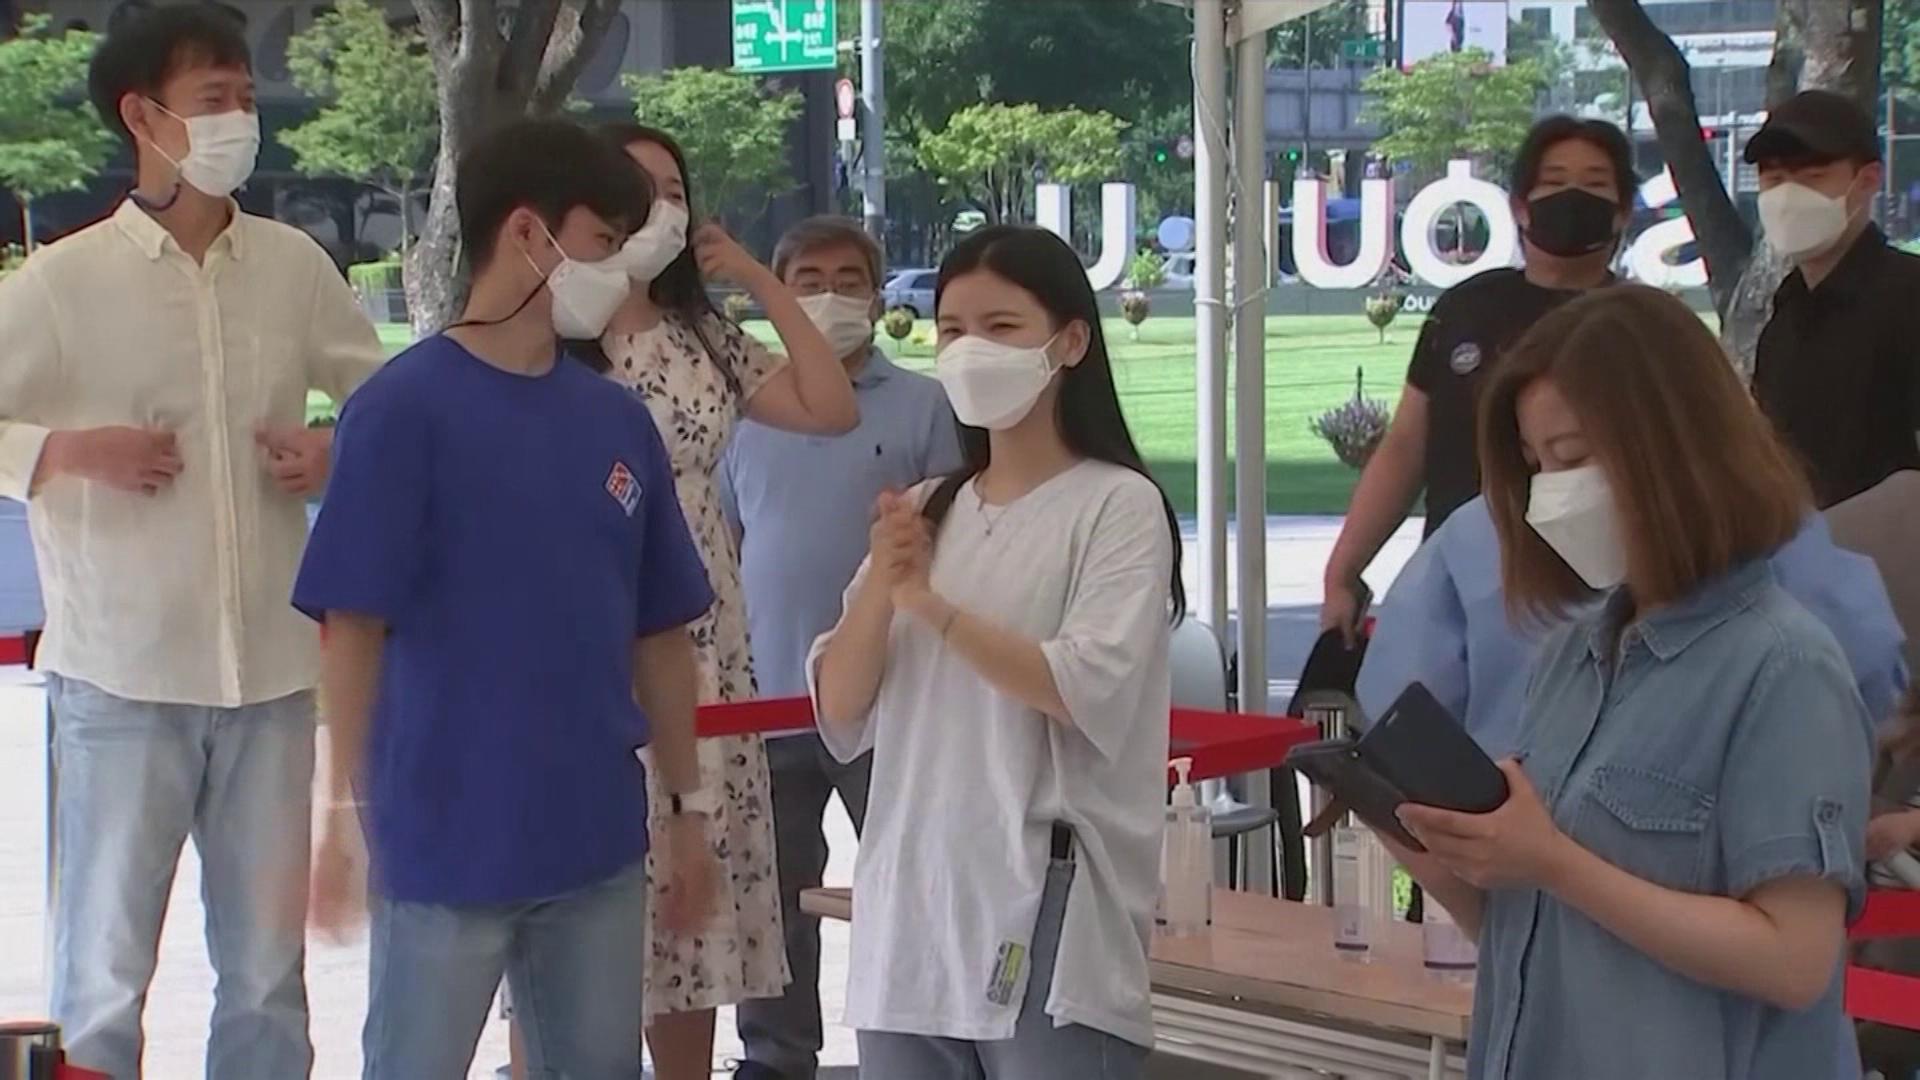 南韓+1842例「又破紀錄」! 首都圈4級警戒恐延長